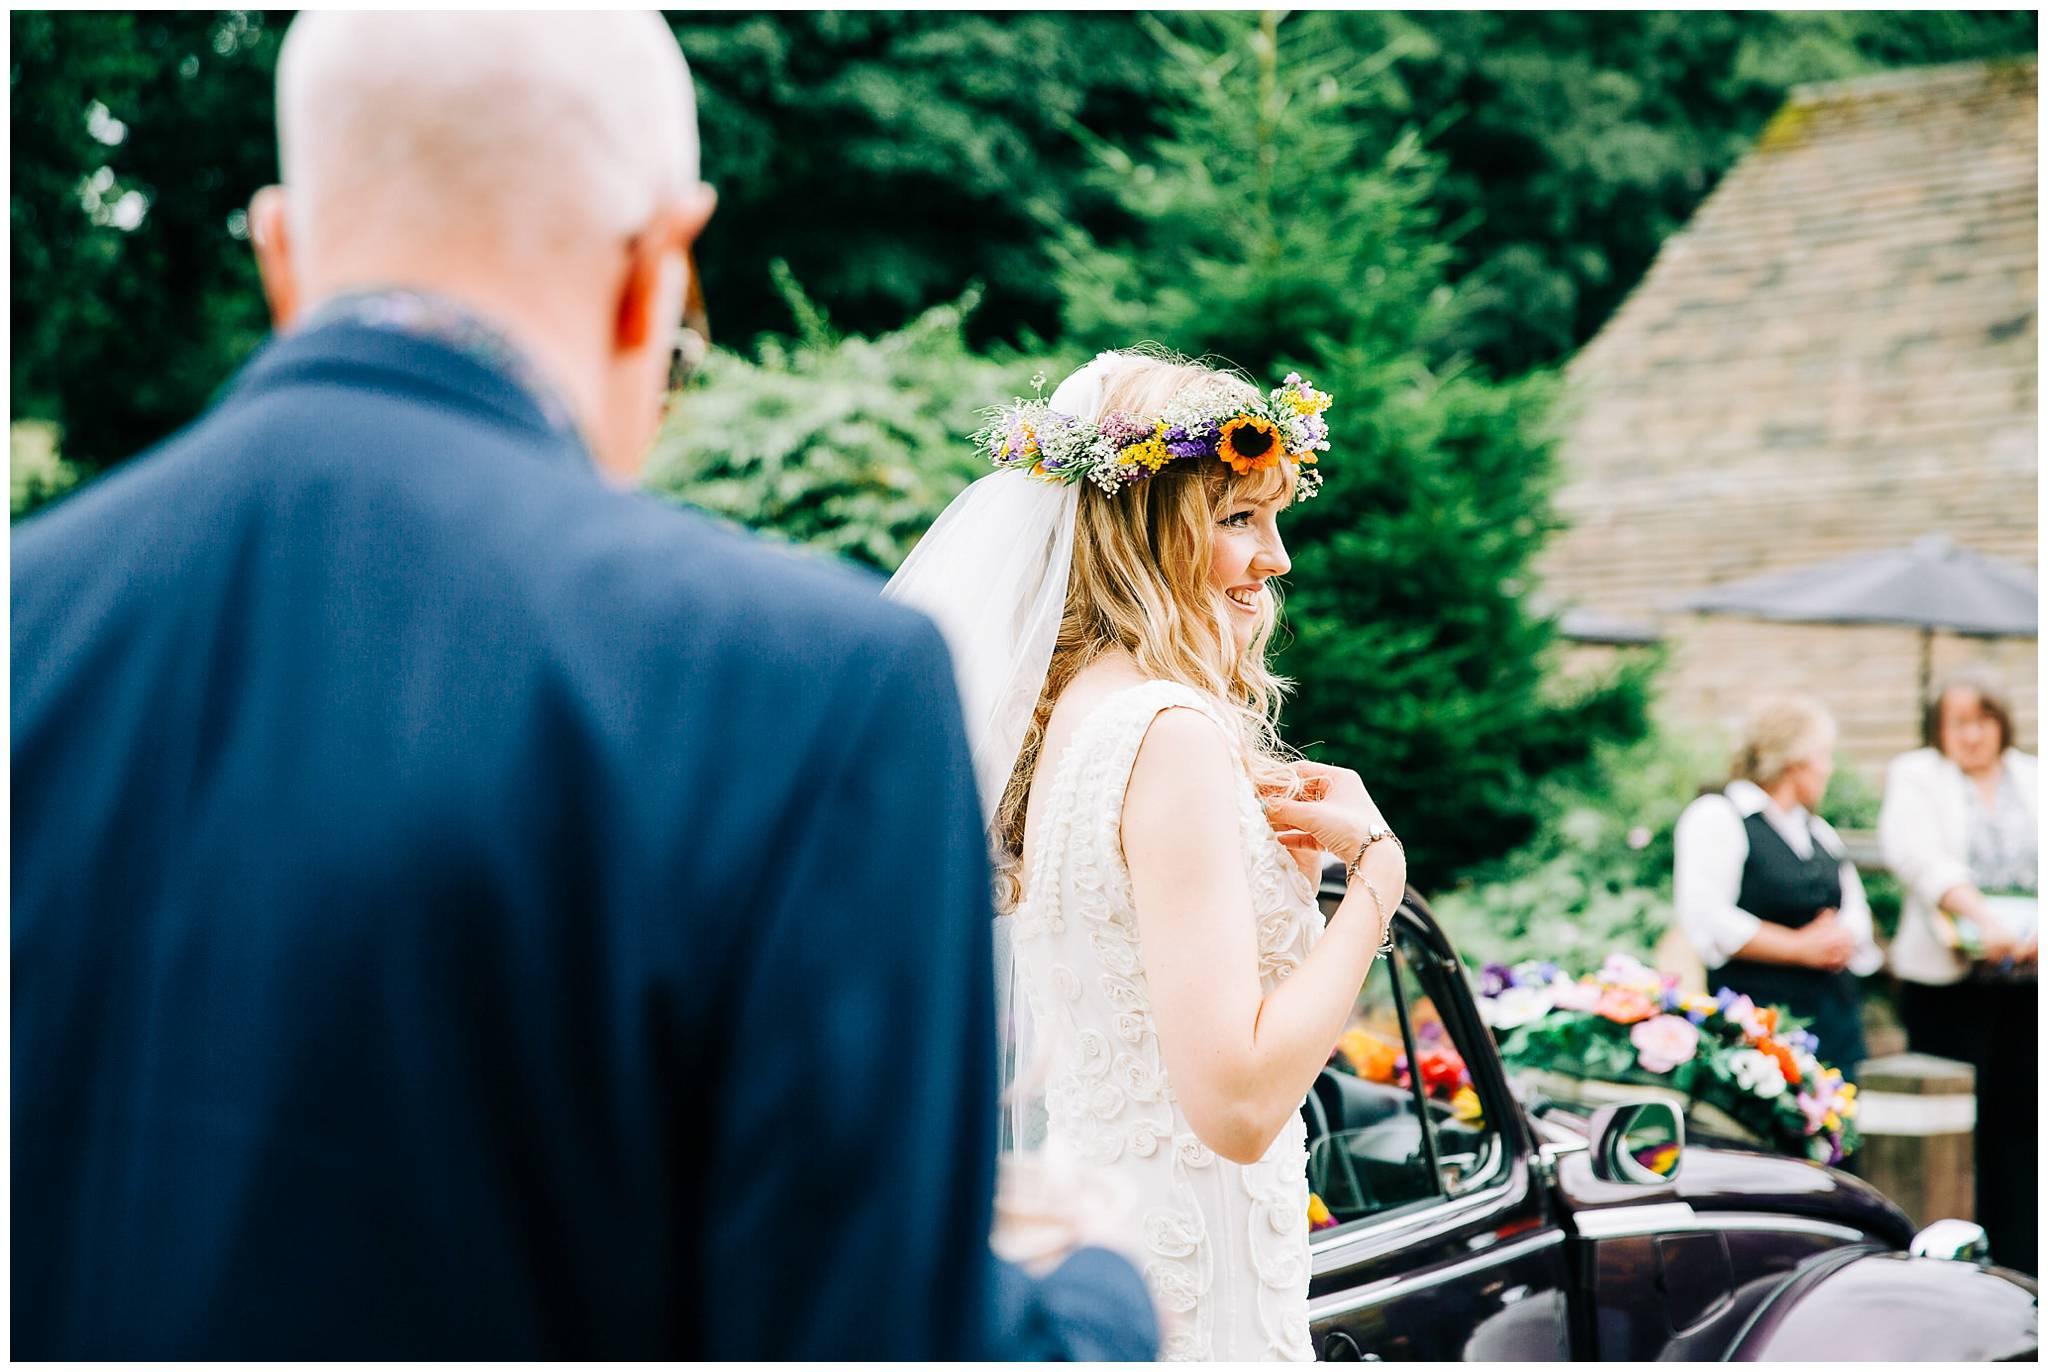 smiling bride adjusting her wedding dress staps